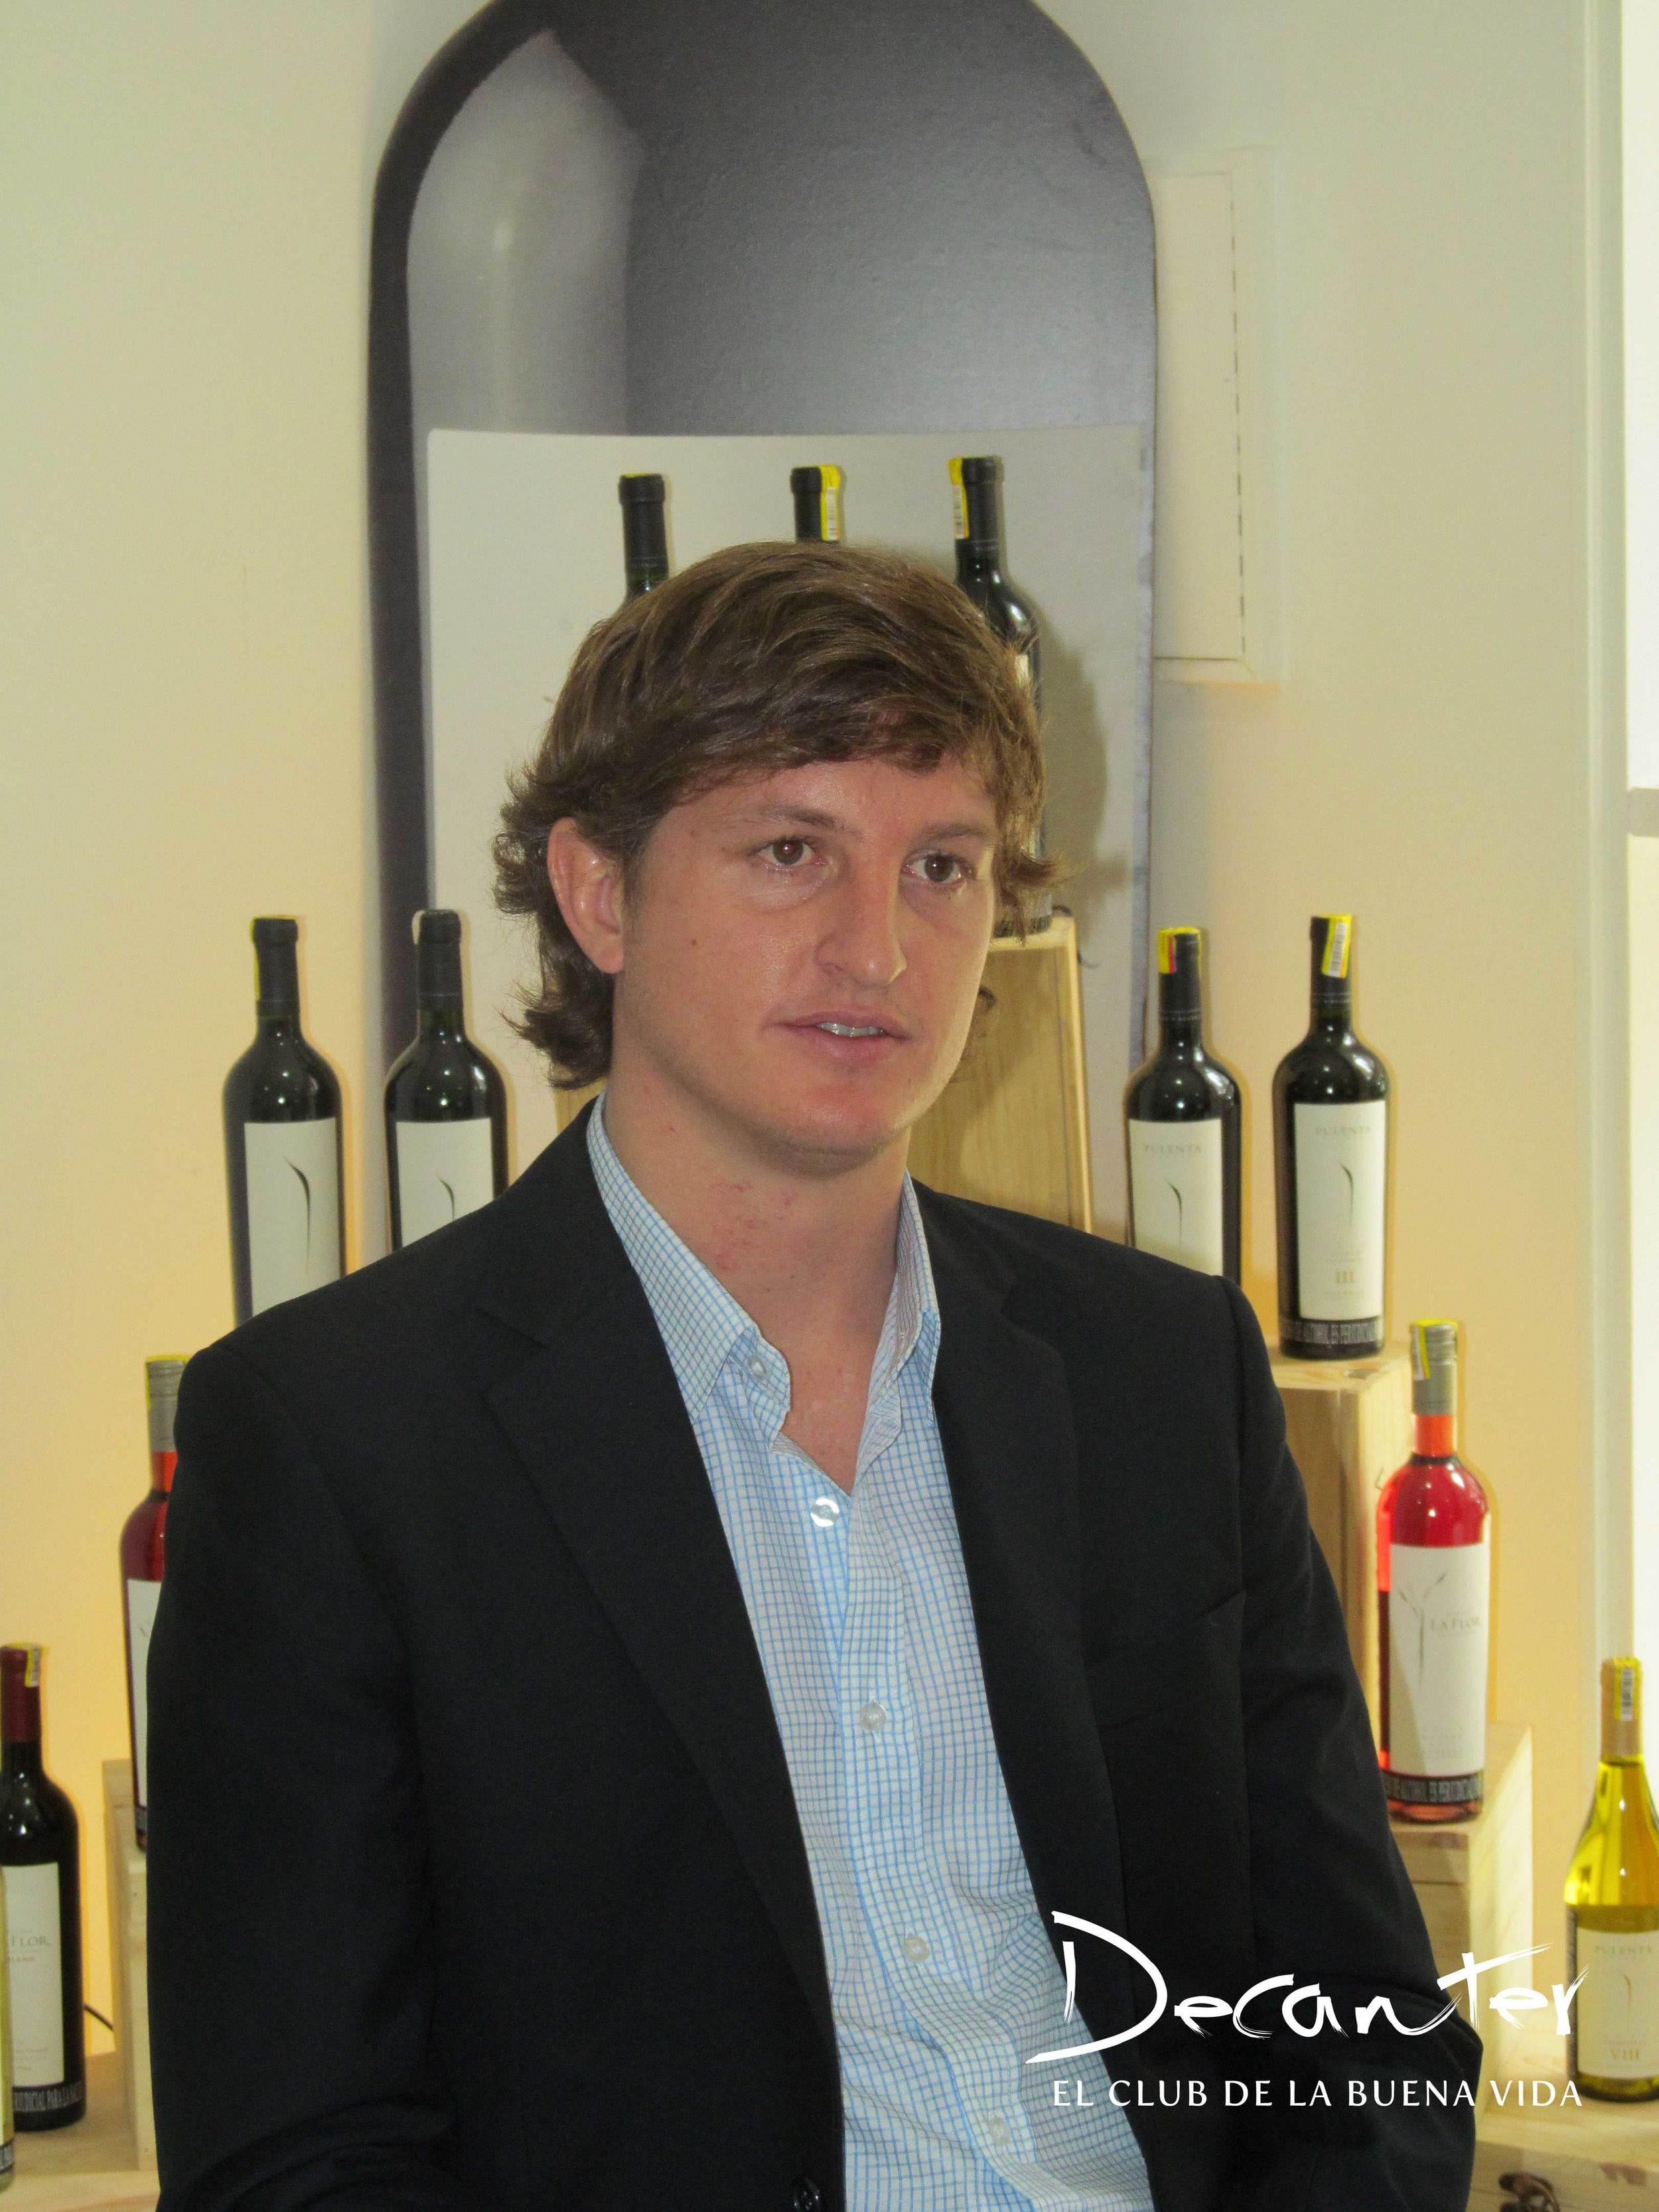 Con sus marcas Pulenta y La Flor, la bodega mendocina es una de las que más tiempo lleva con el Club de vinos Decanter en Colombia y sus productos cuentan con gran aceptación.